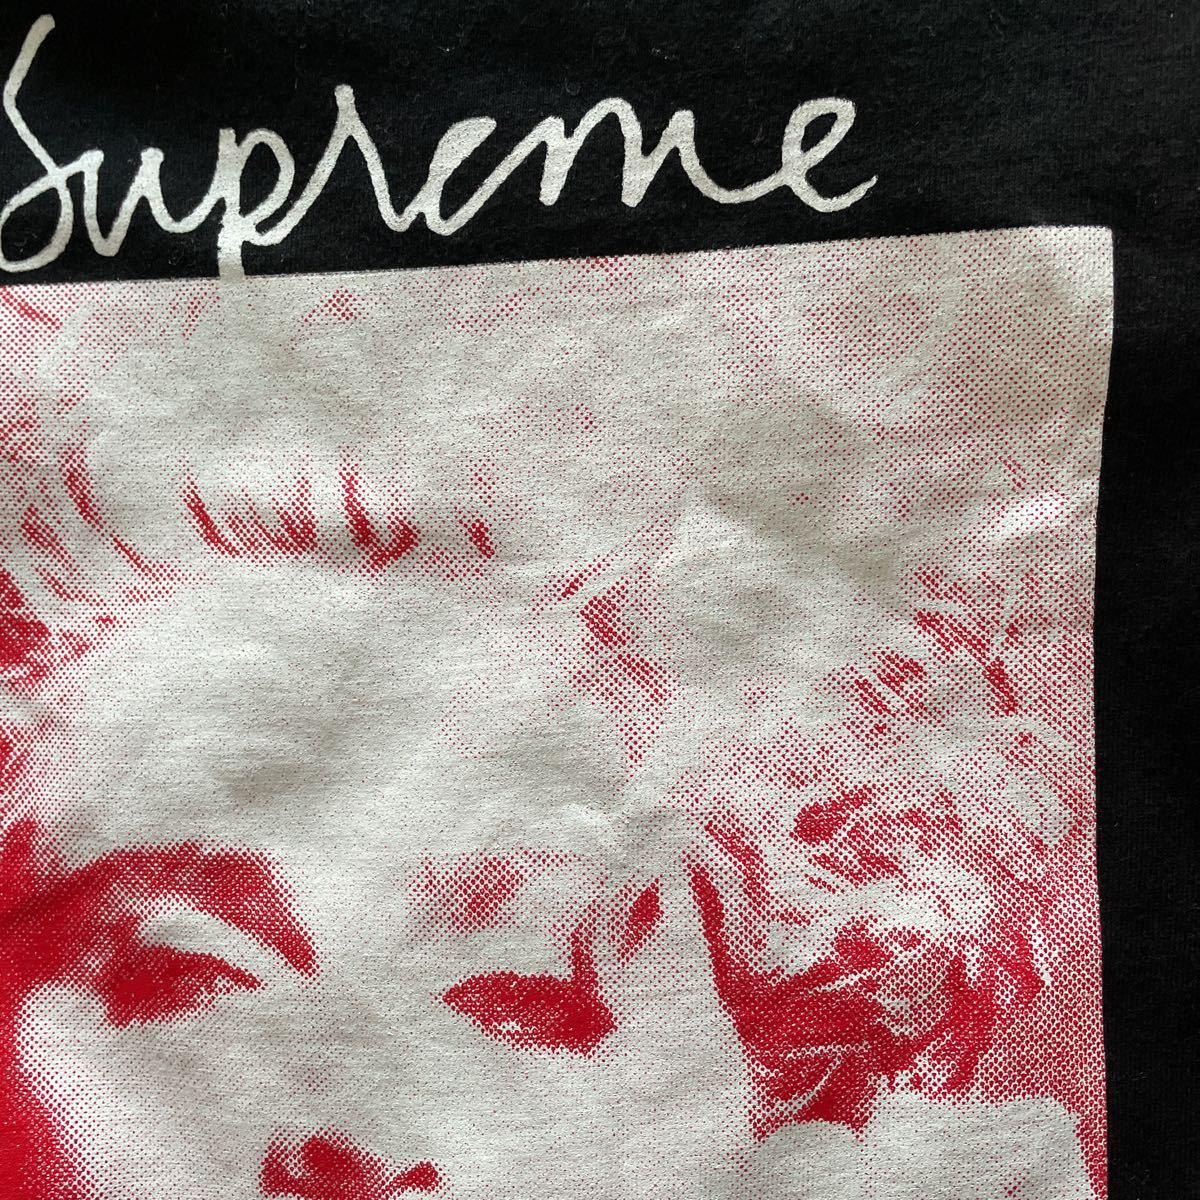 L Supreme Madonna Tee 18FW Large Black シュプリーム マドンナ Tシャツ 半袖 ブラック 黒 18AW_画像6